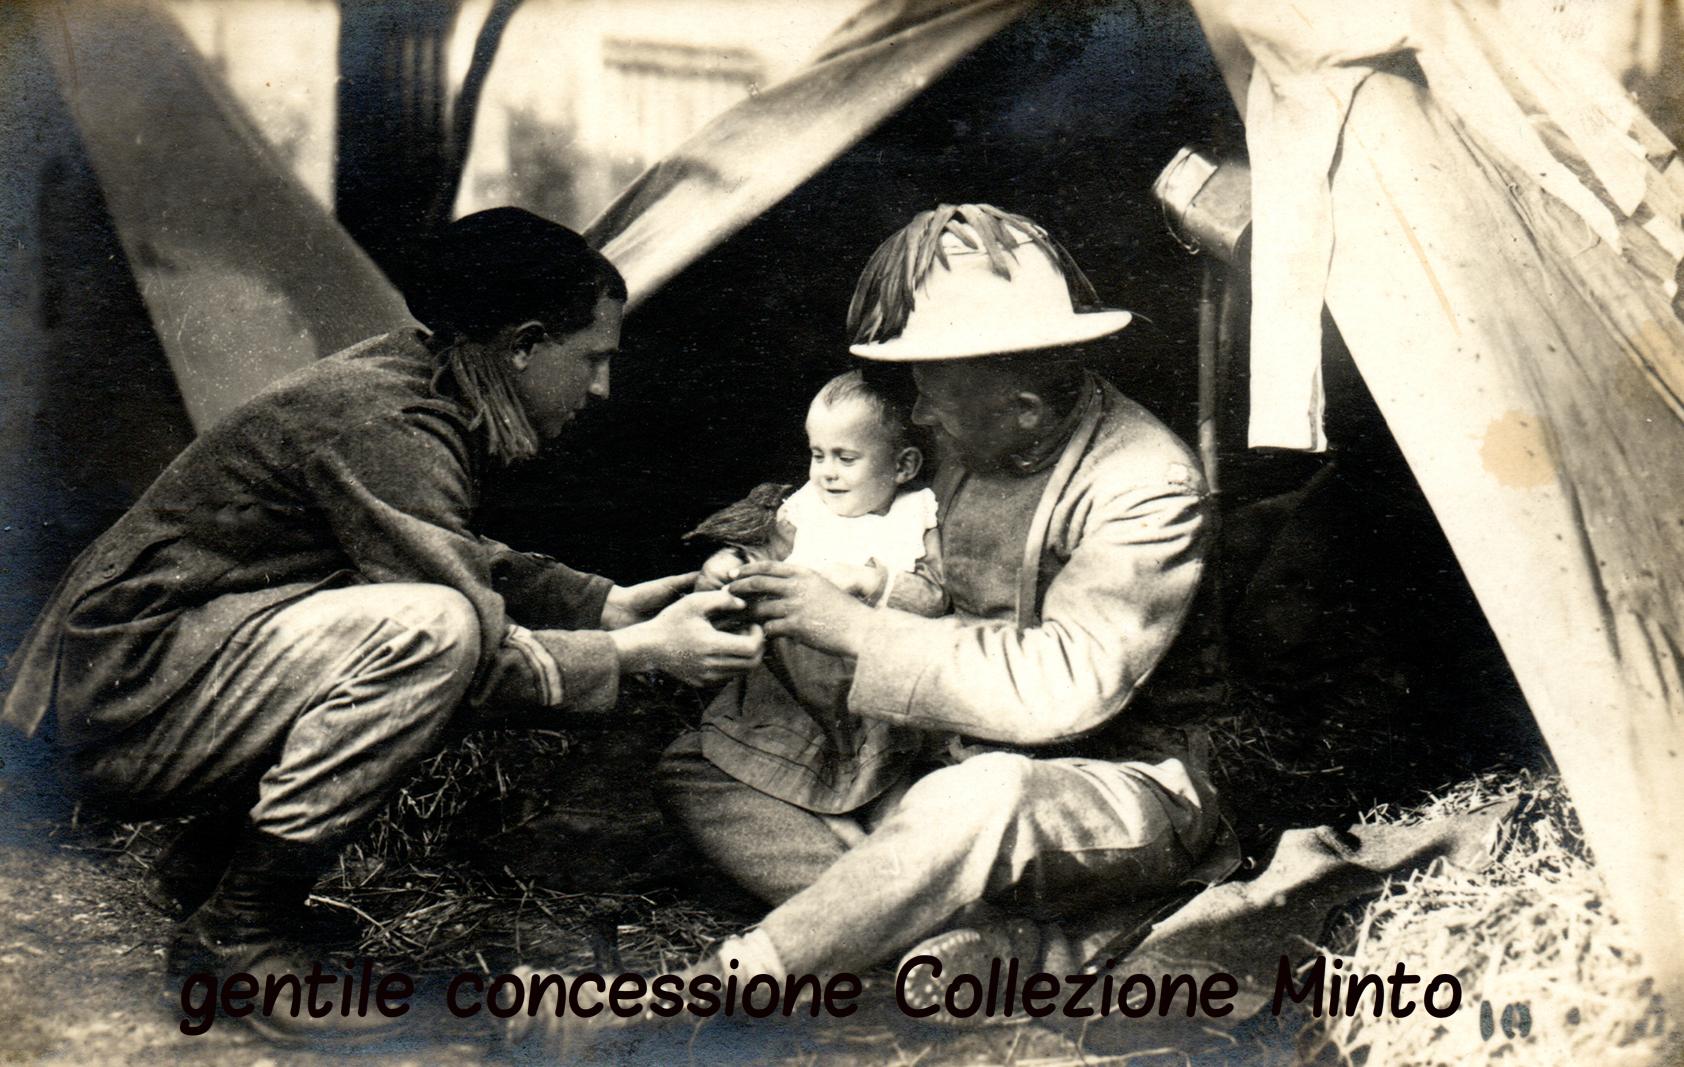 07 - Bersaglieri con bambino (ASDM - coll minto) (c).jpg